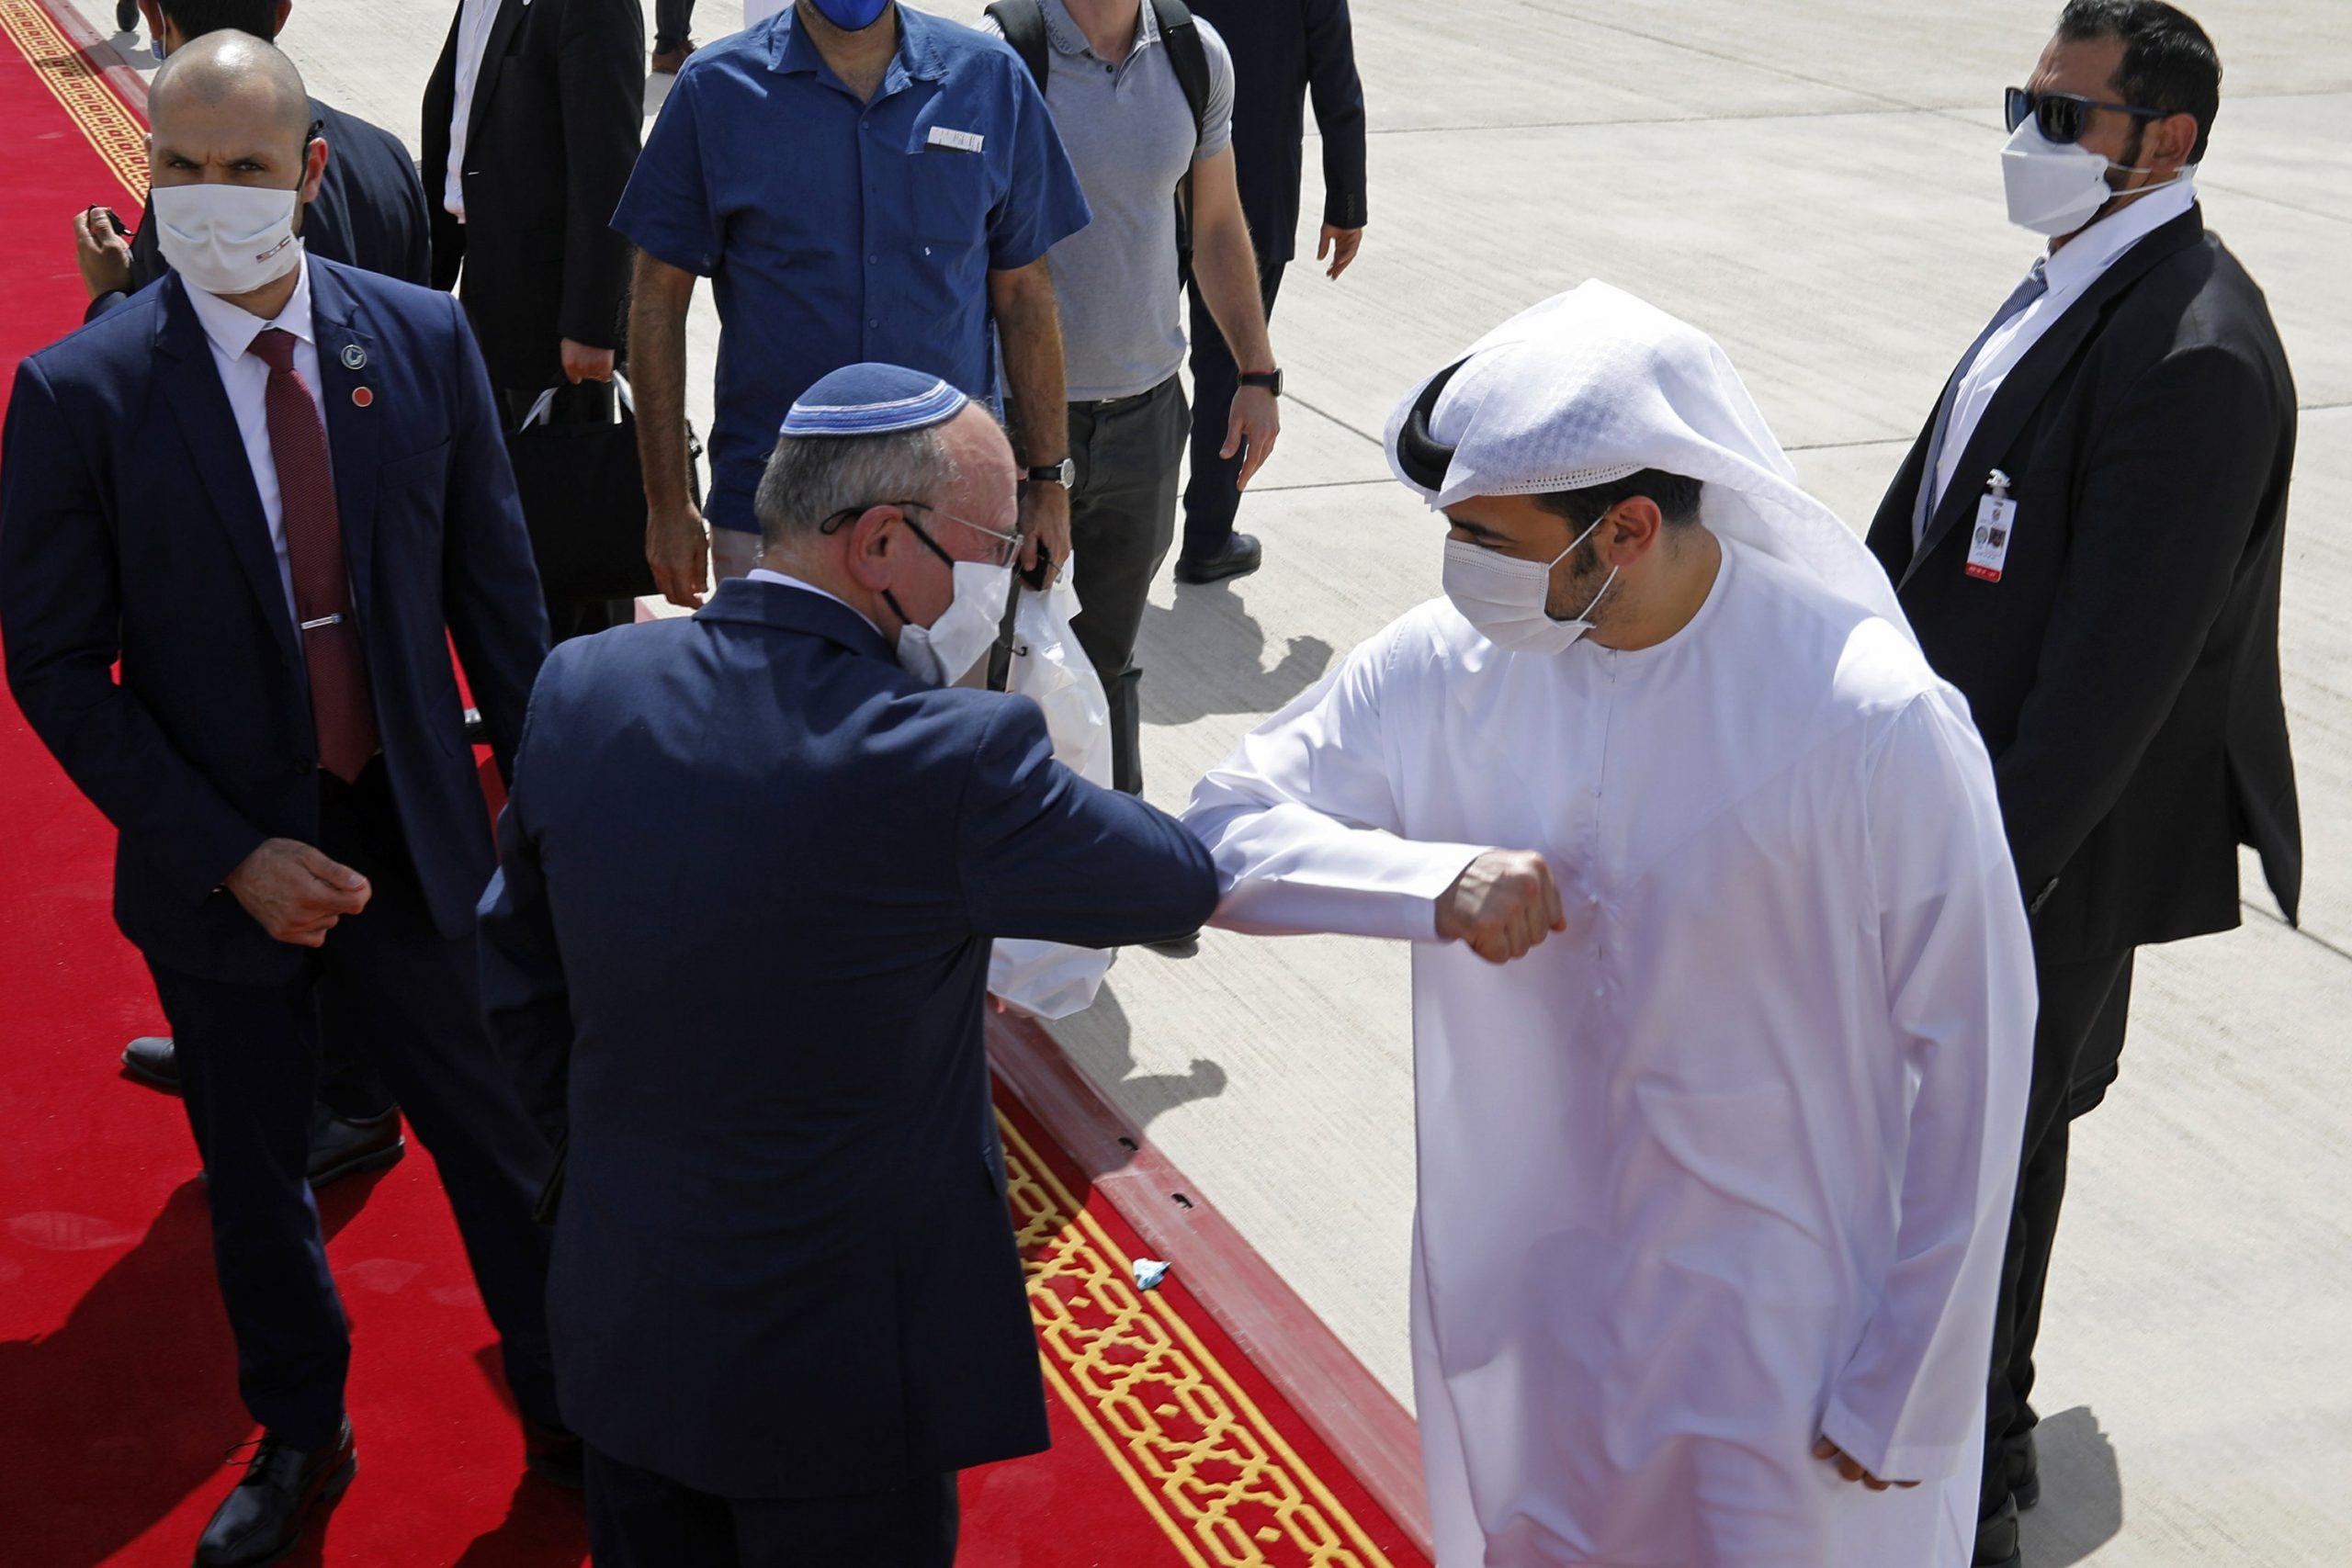 انگیزه های فراوان «نتانیاهو» از سفر به بحرین و امارات/ نفوذ آرام و خزنده اسرائیل در خلیج فارس چگونه رقم خواهد خورد؟